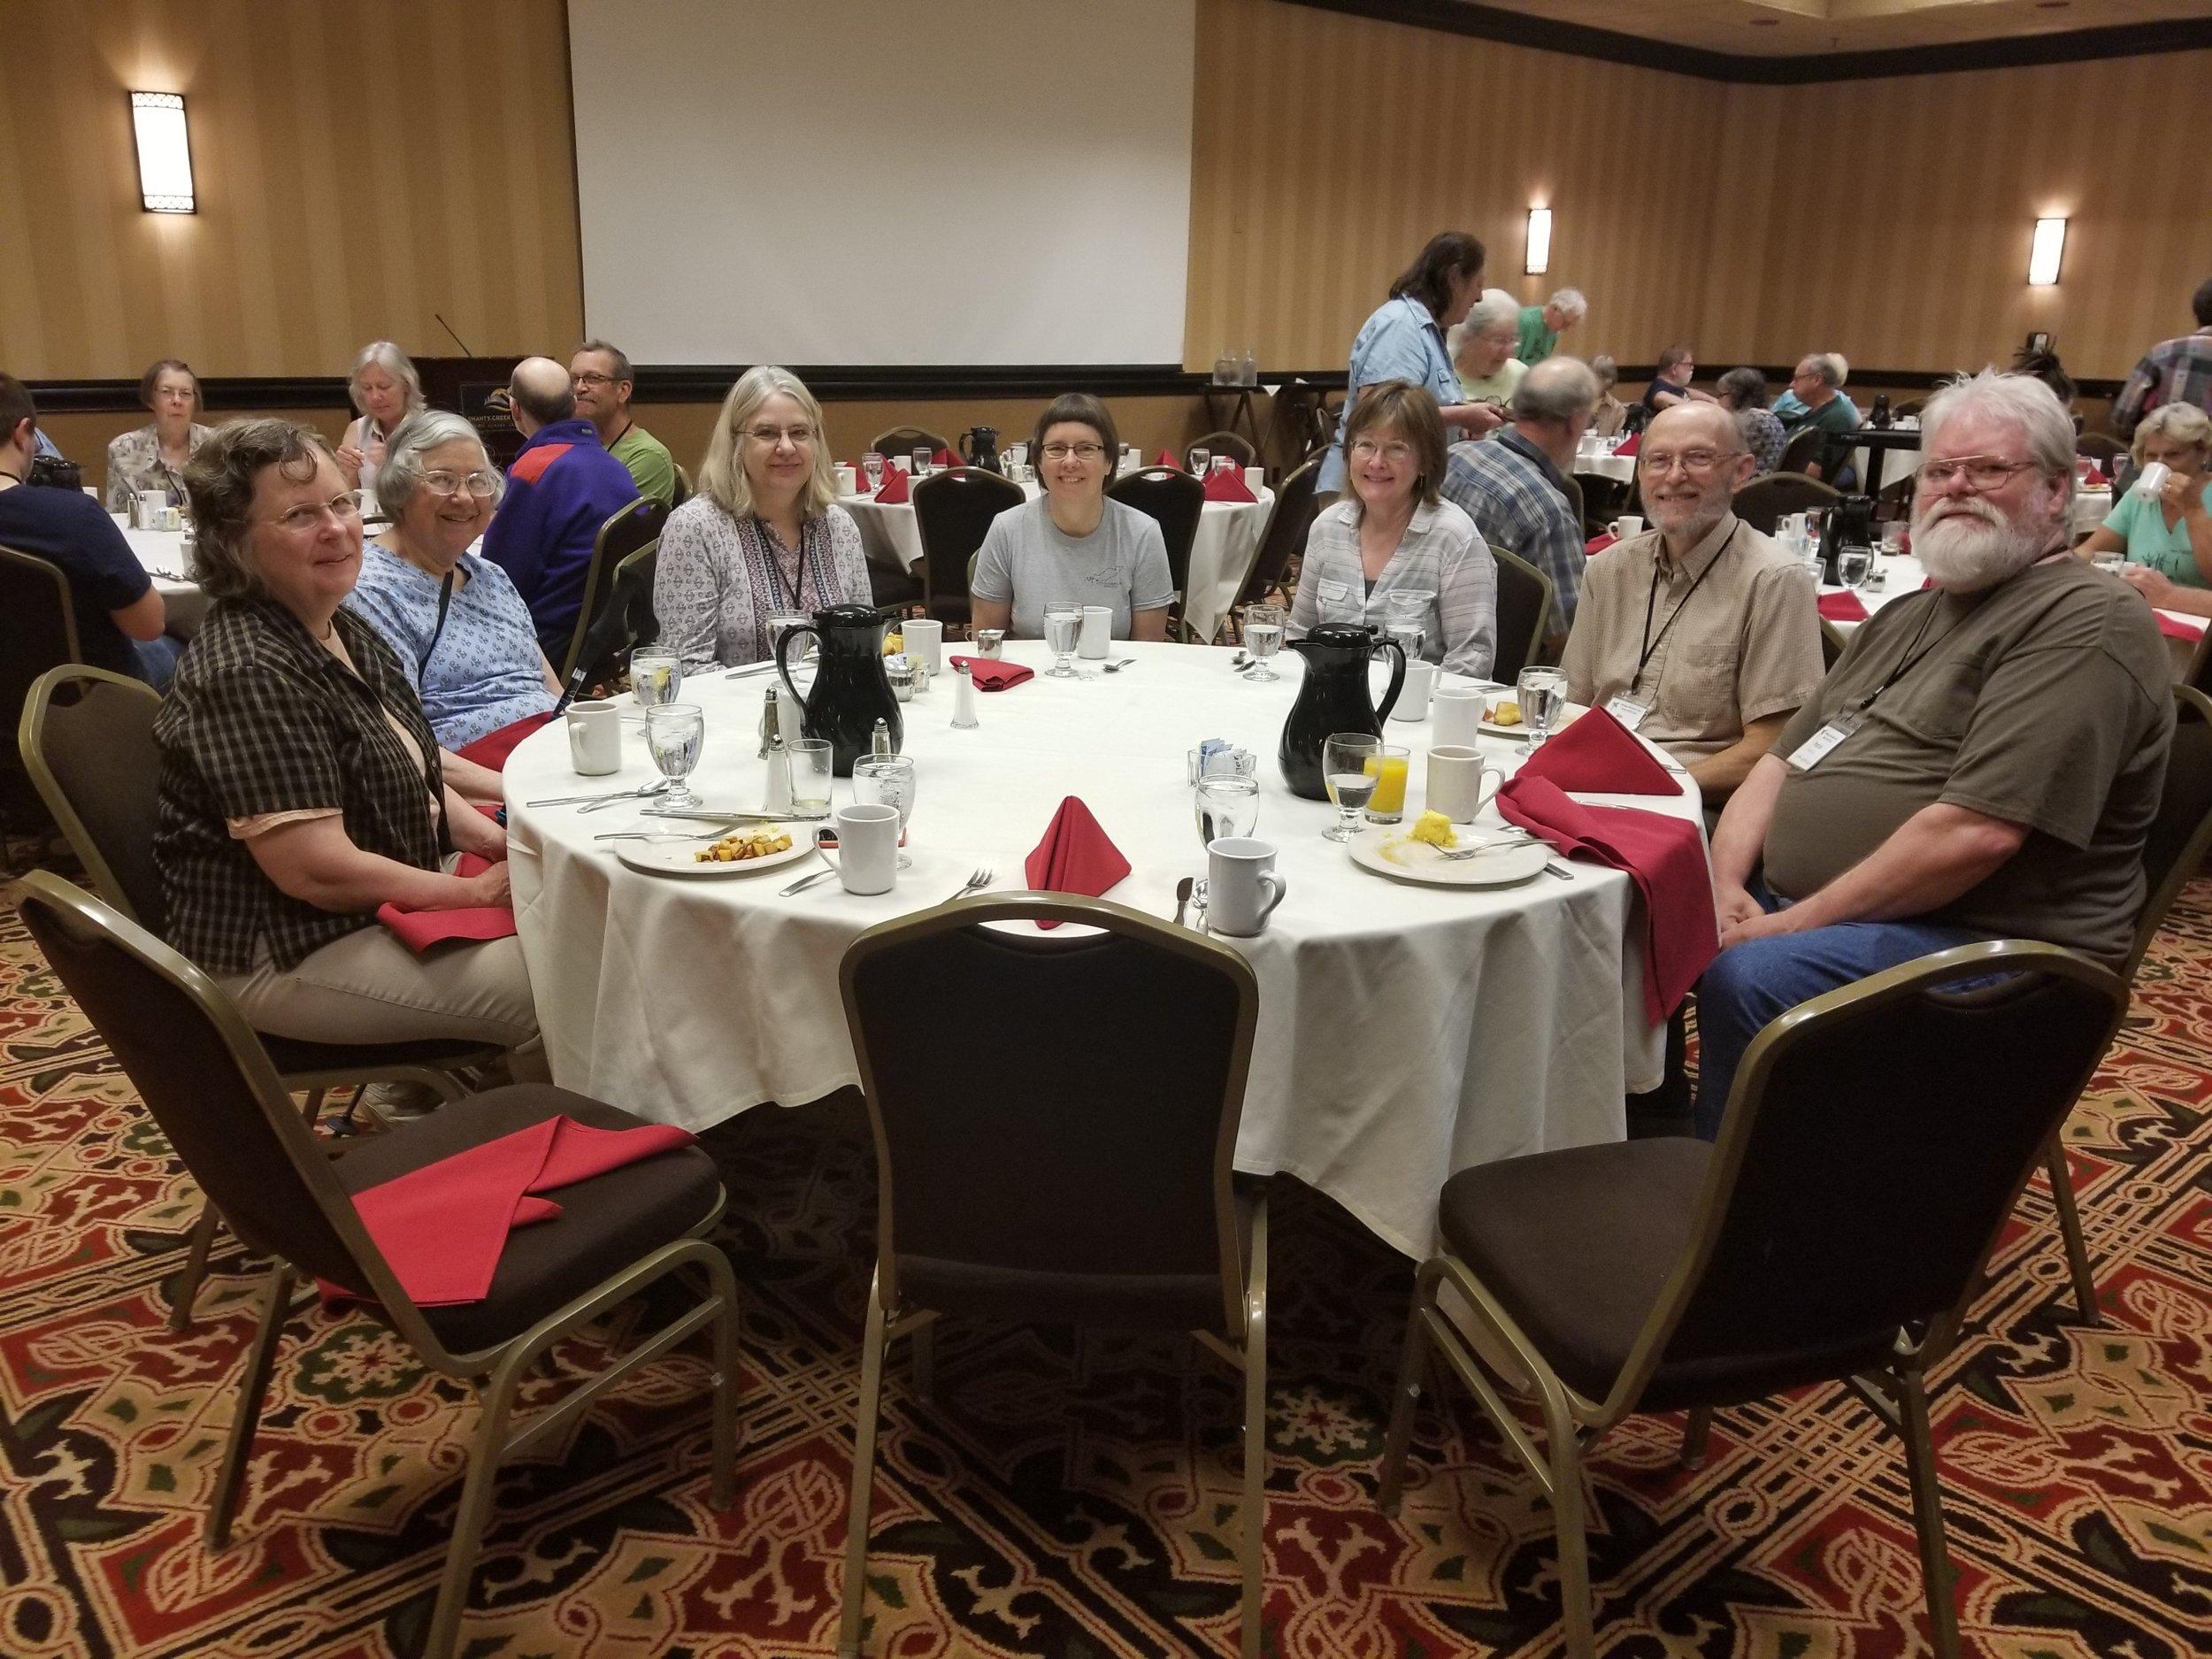 Breakfast tables 5-28-18 (3) Janet Traub Toni Ken Spears.jpg